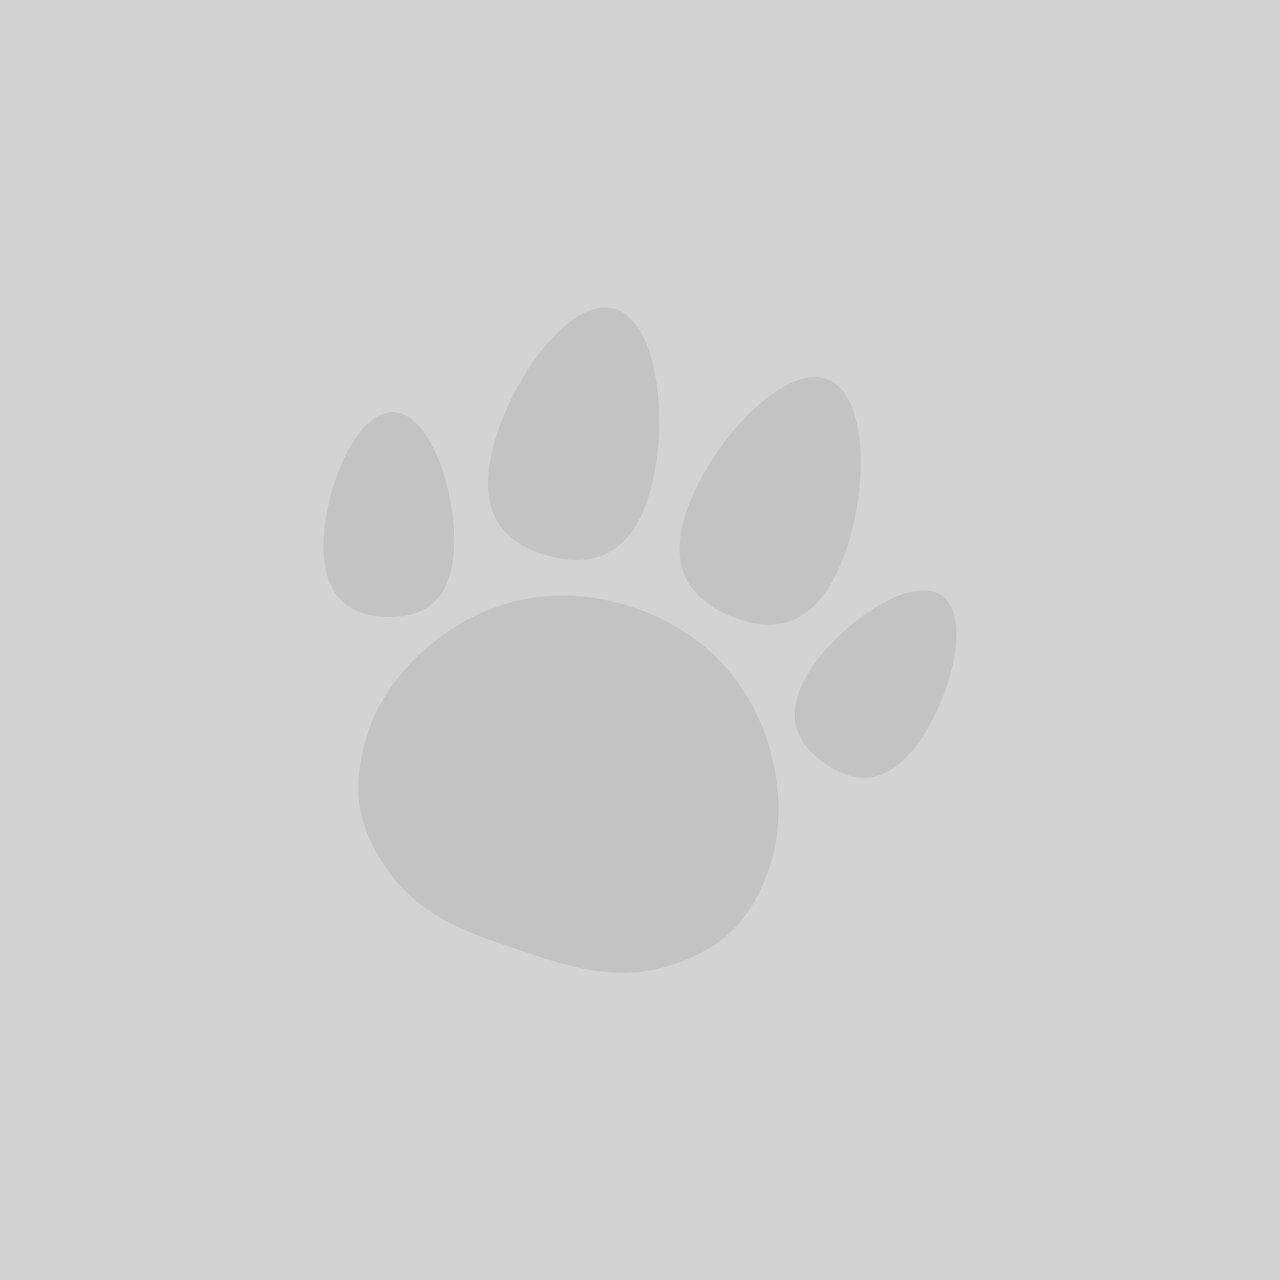 Flexi Classic Retractable Tape Medium Dog Lead 5m - Blue